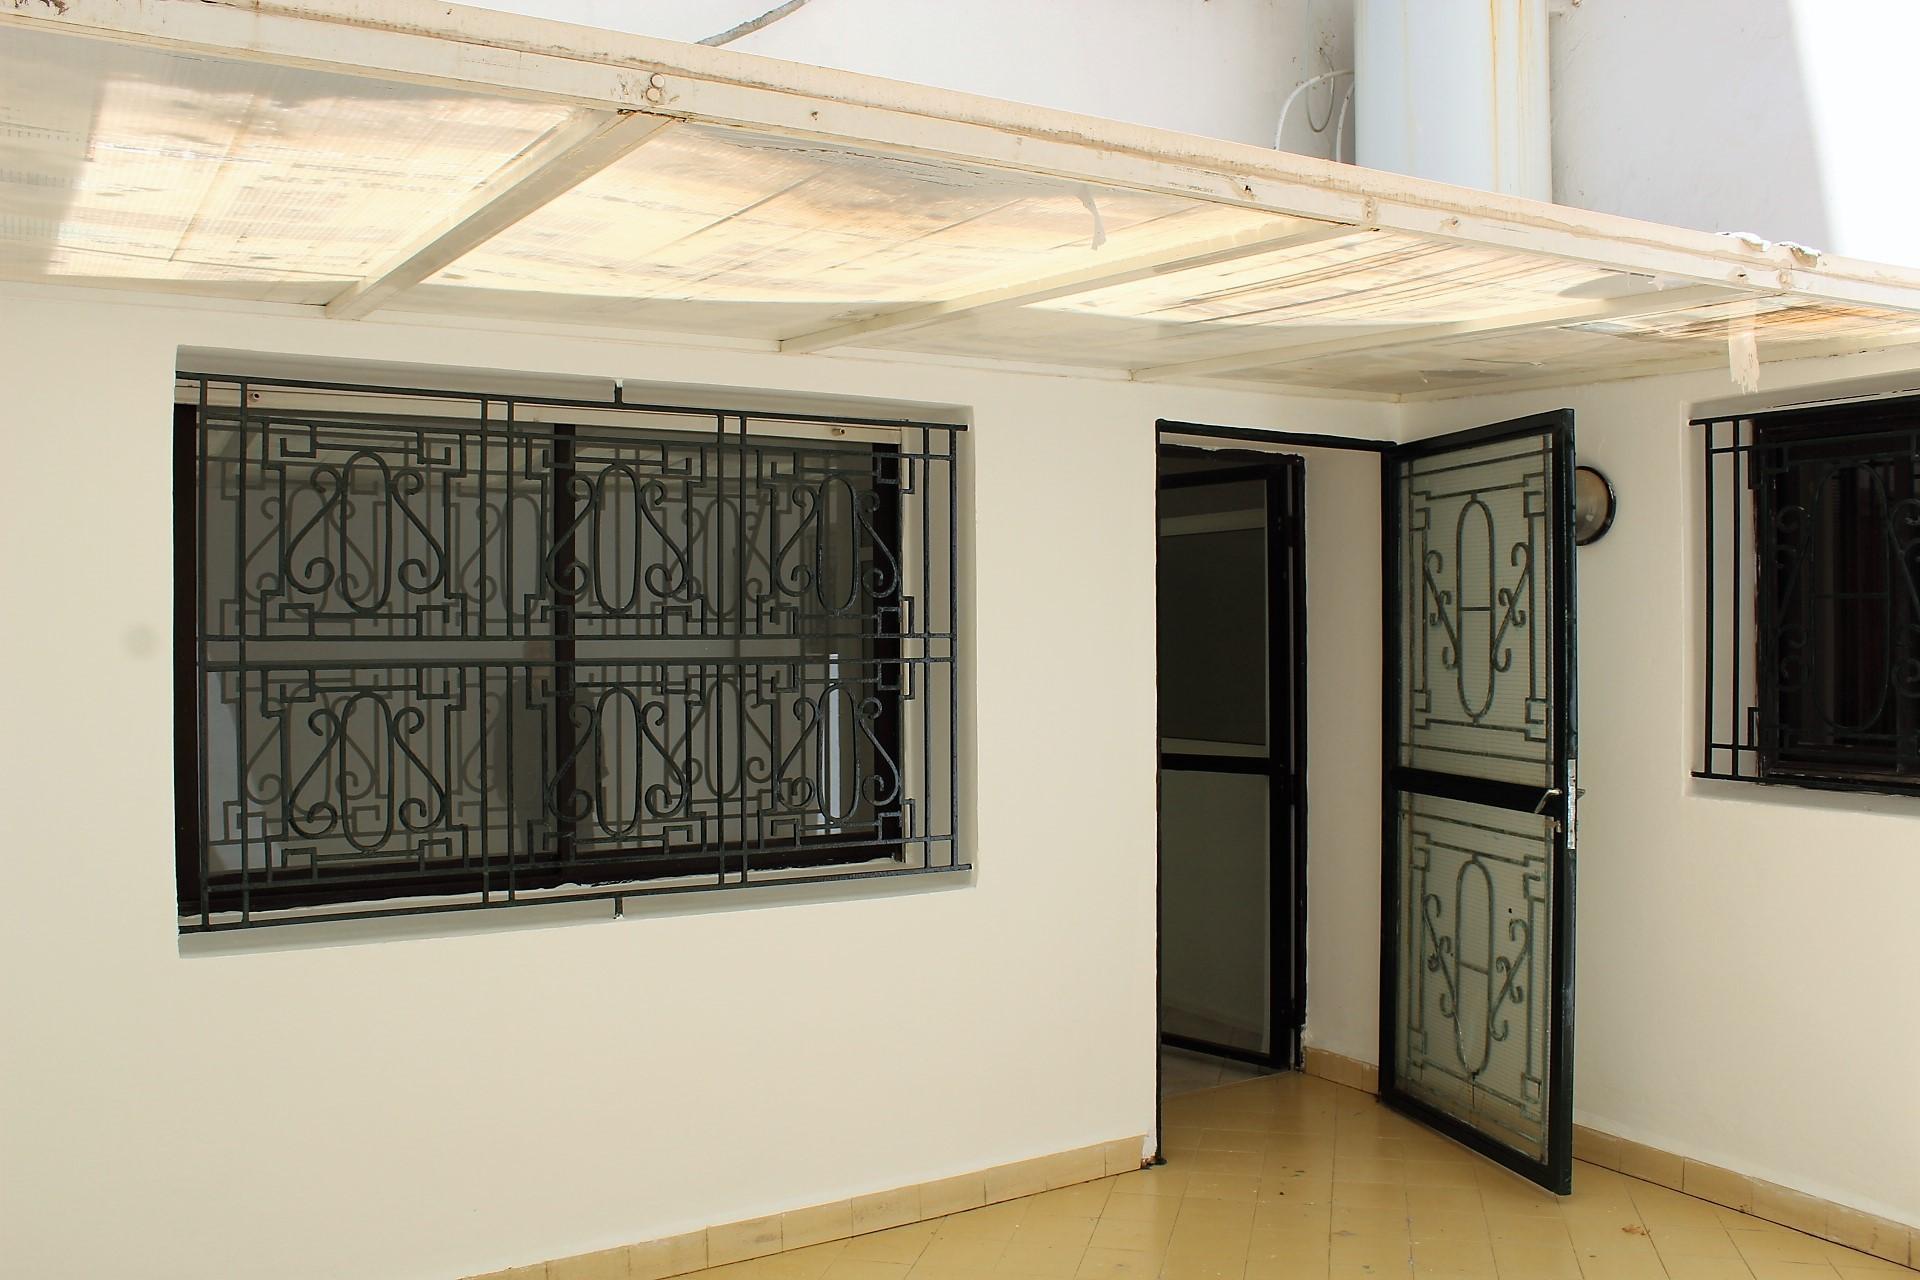 Maroc, Casablanca, Racine à louer vaste studio rénové lumineux avec terrasse.